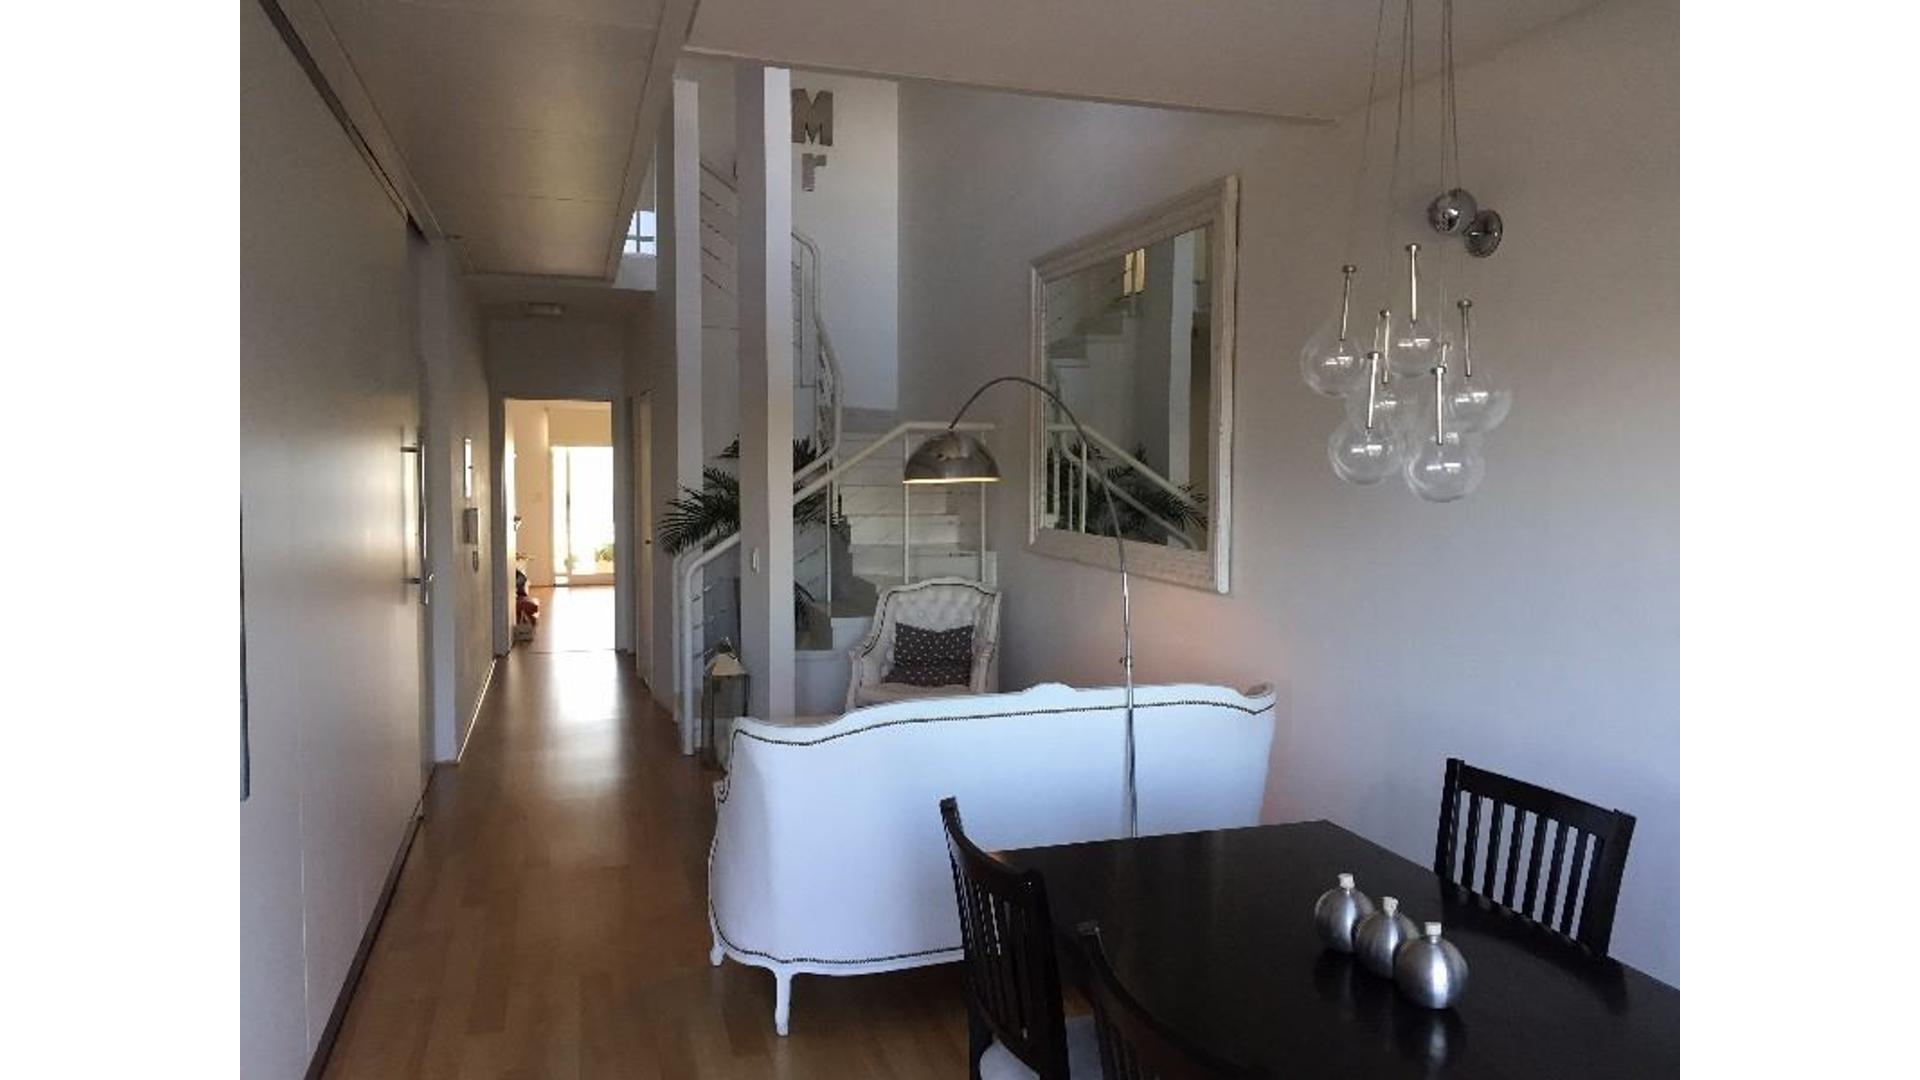 Olivos Bajo Duplex con doble altura 4 Ambientes 2 cocheras U$S 380.000